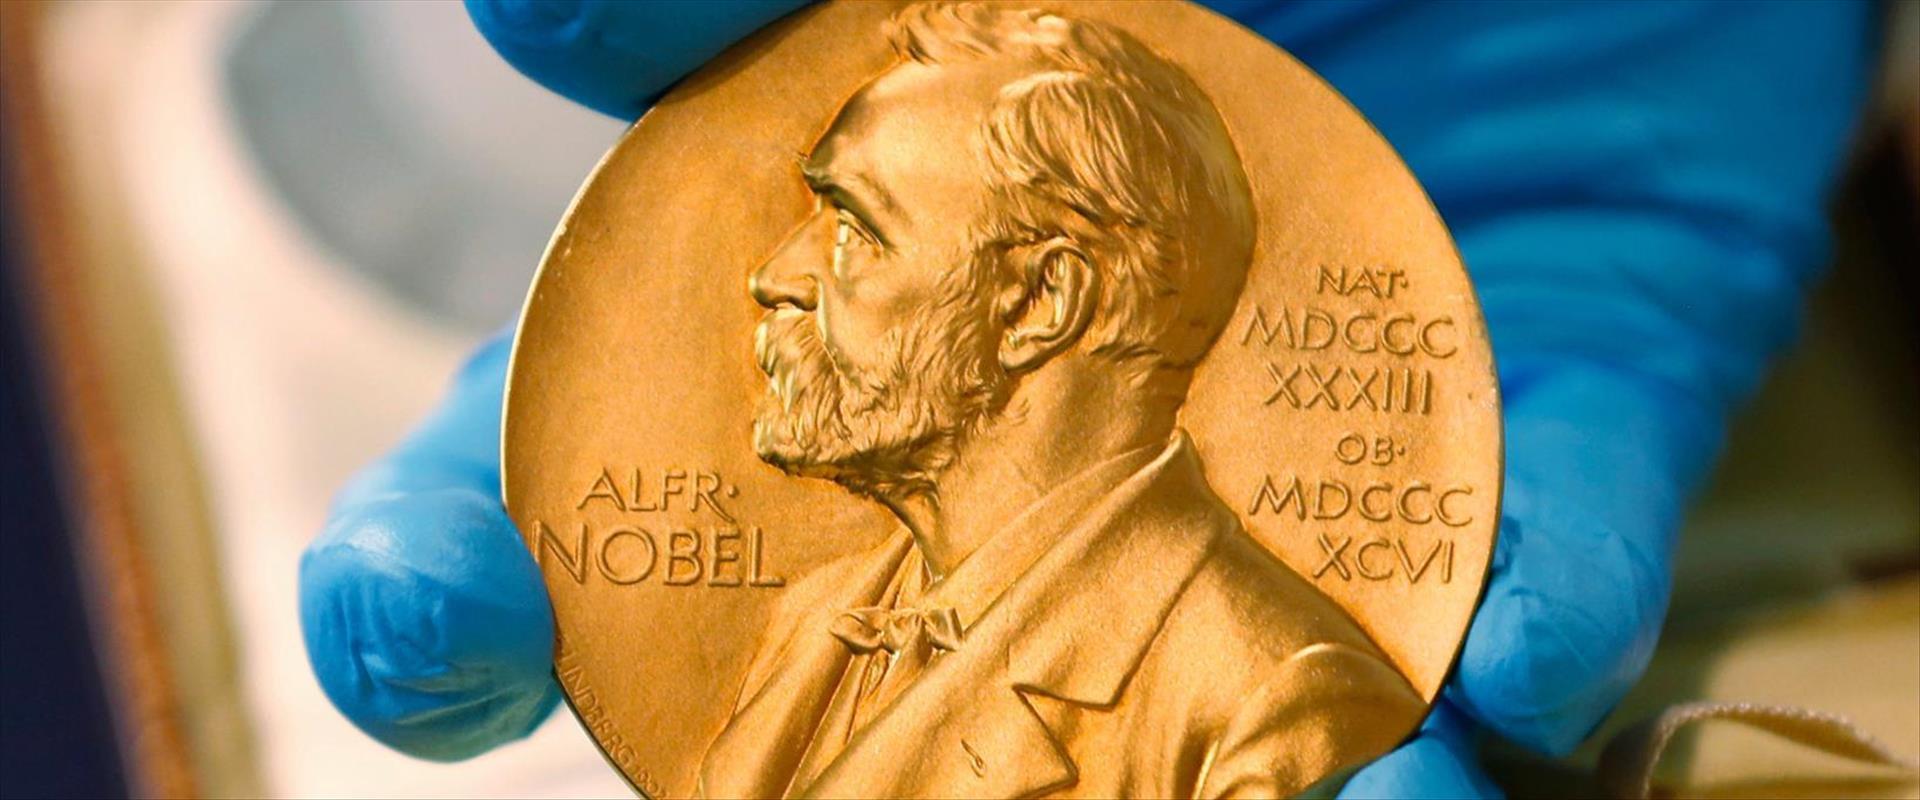 מדליית פרס נובל